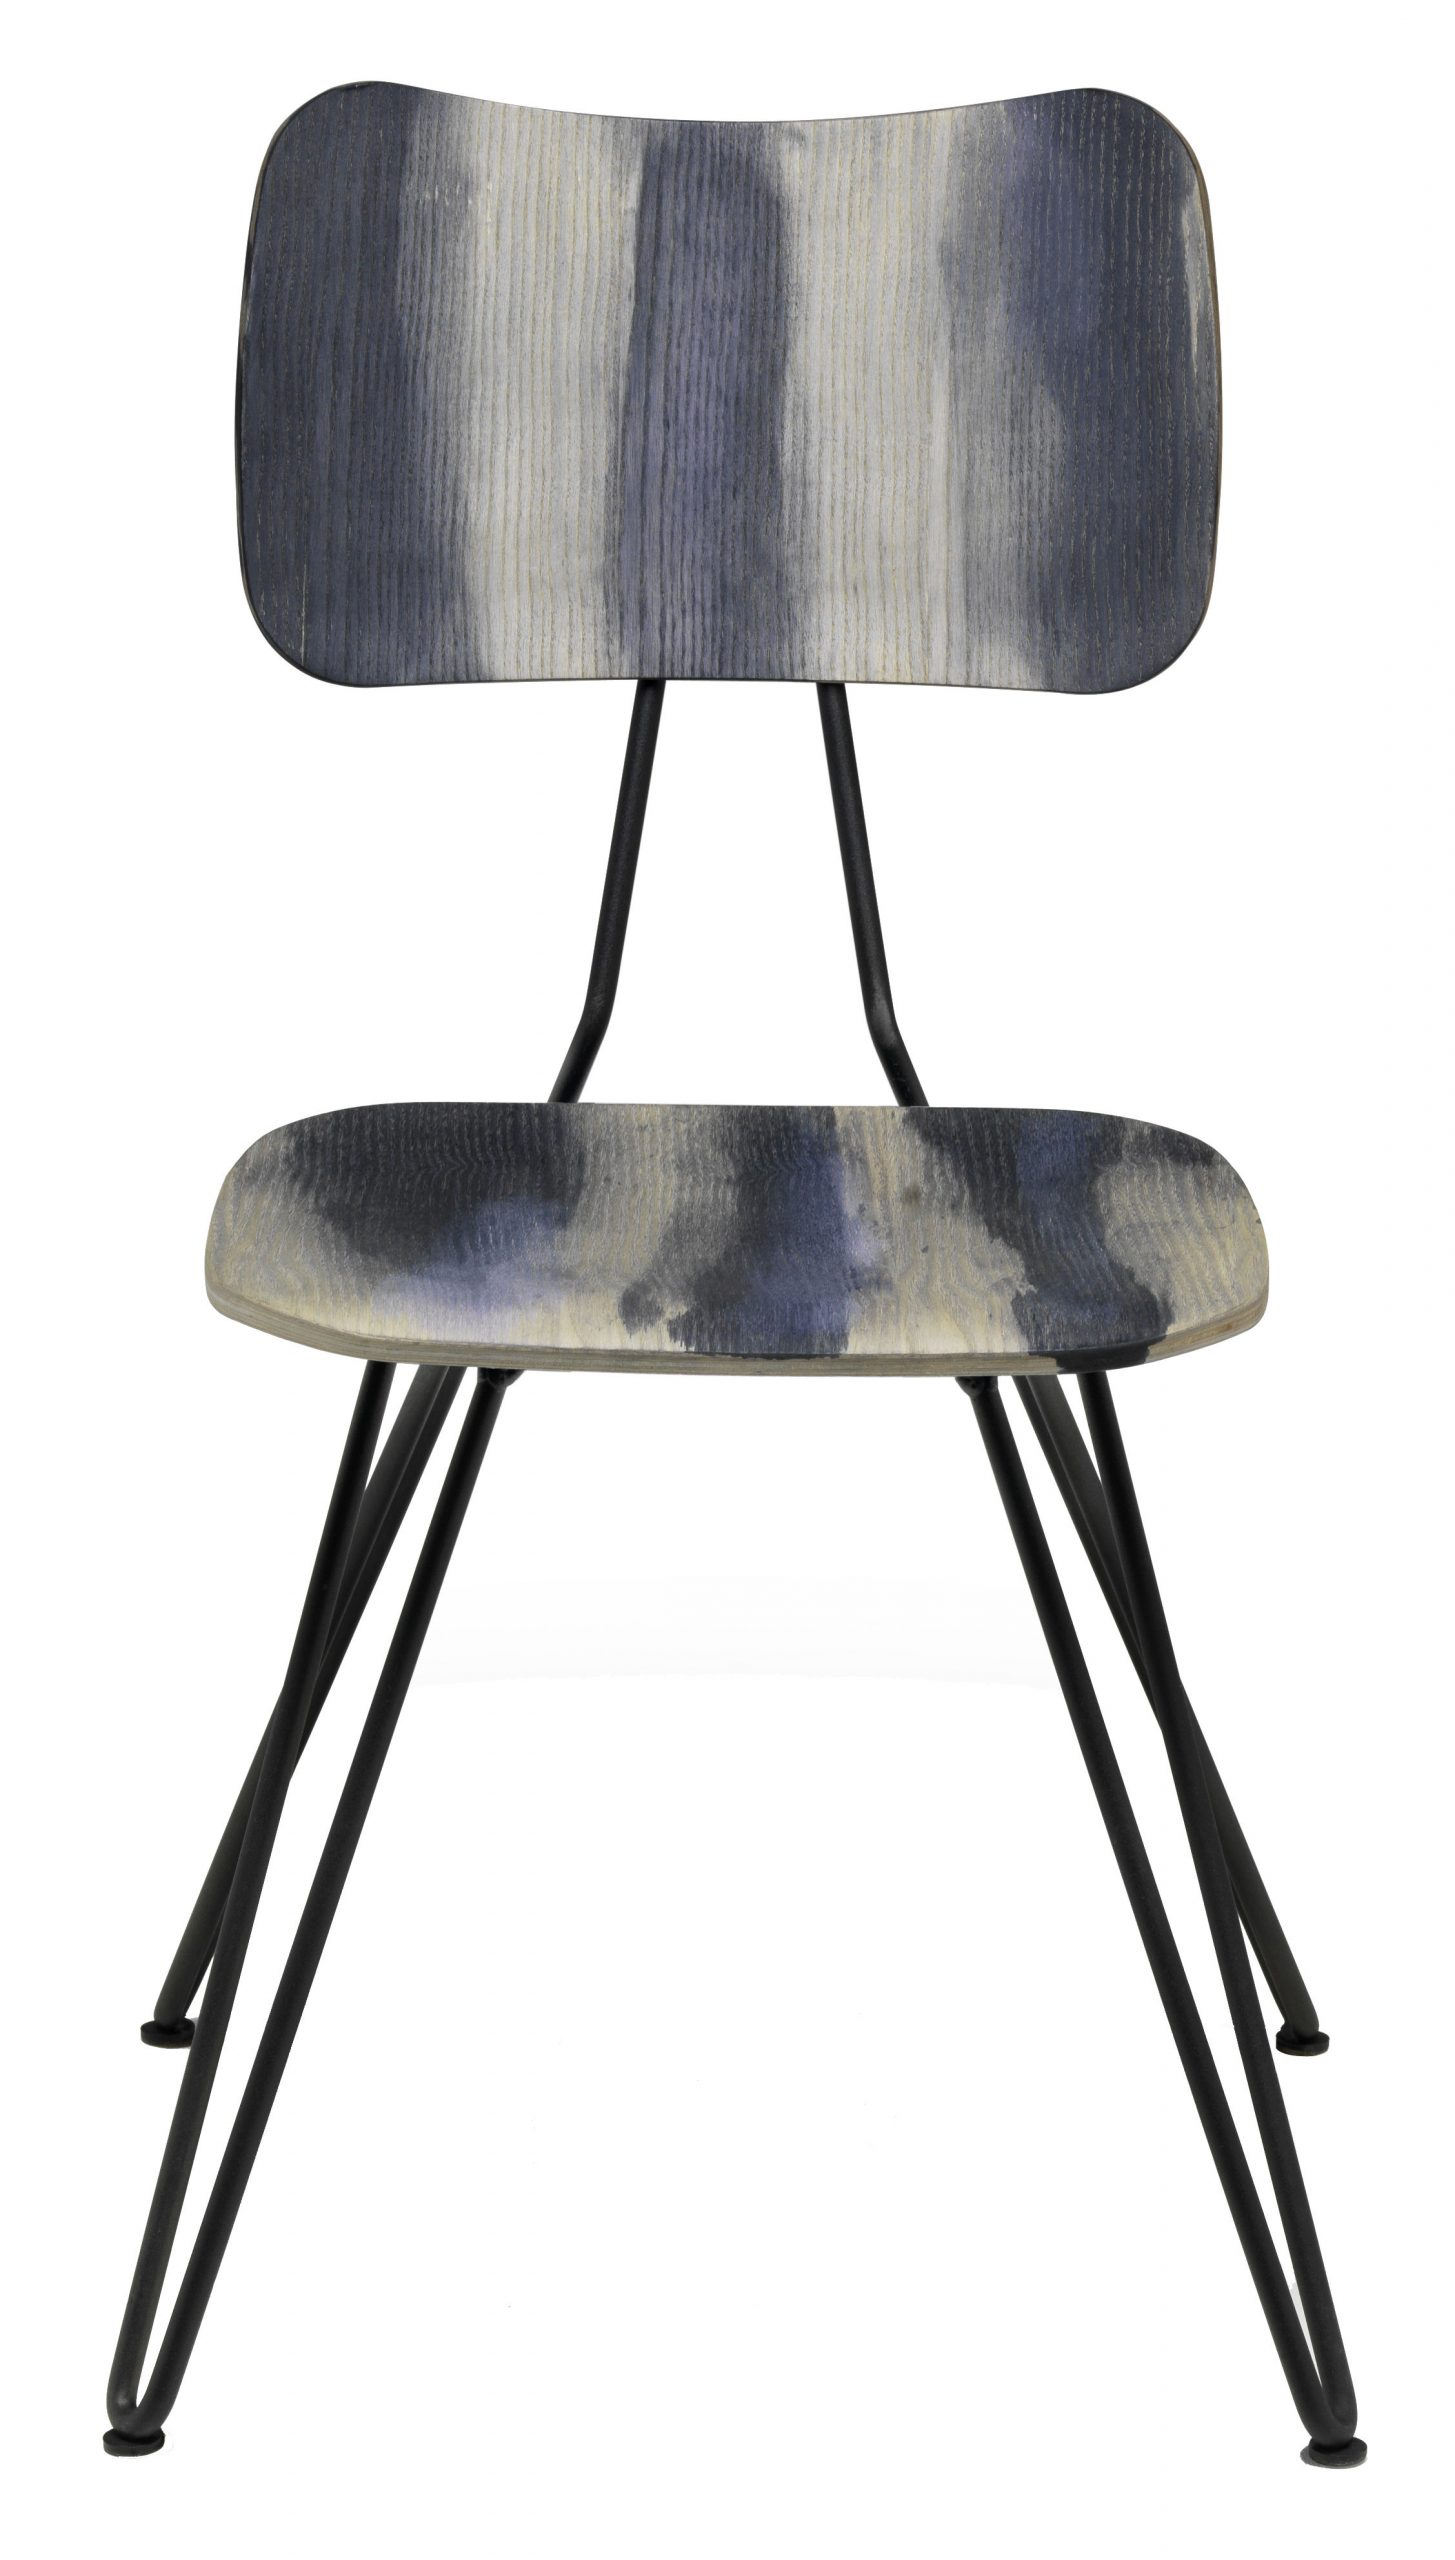 Καρέκλα Overdyed Γκρι πλένονται Diesel με Moroso Diesel Creative Team 1